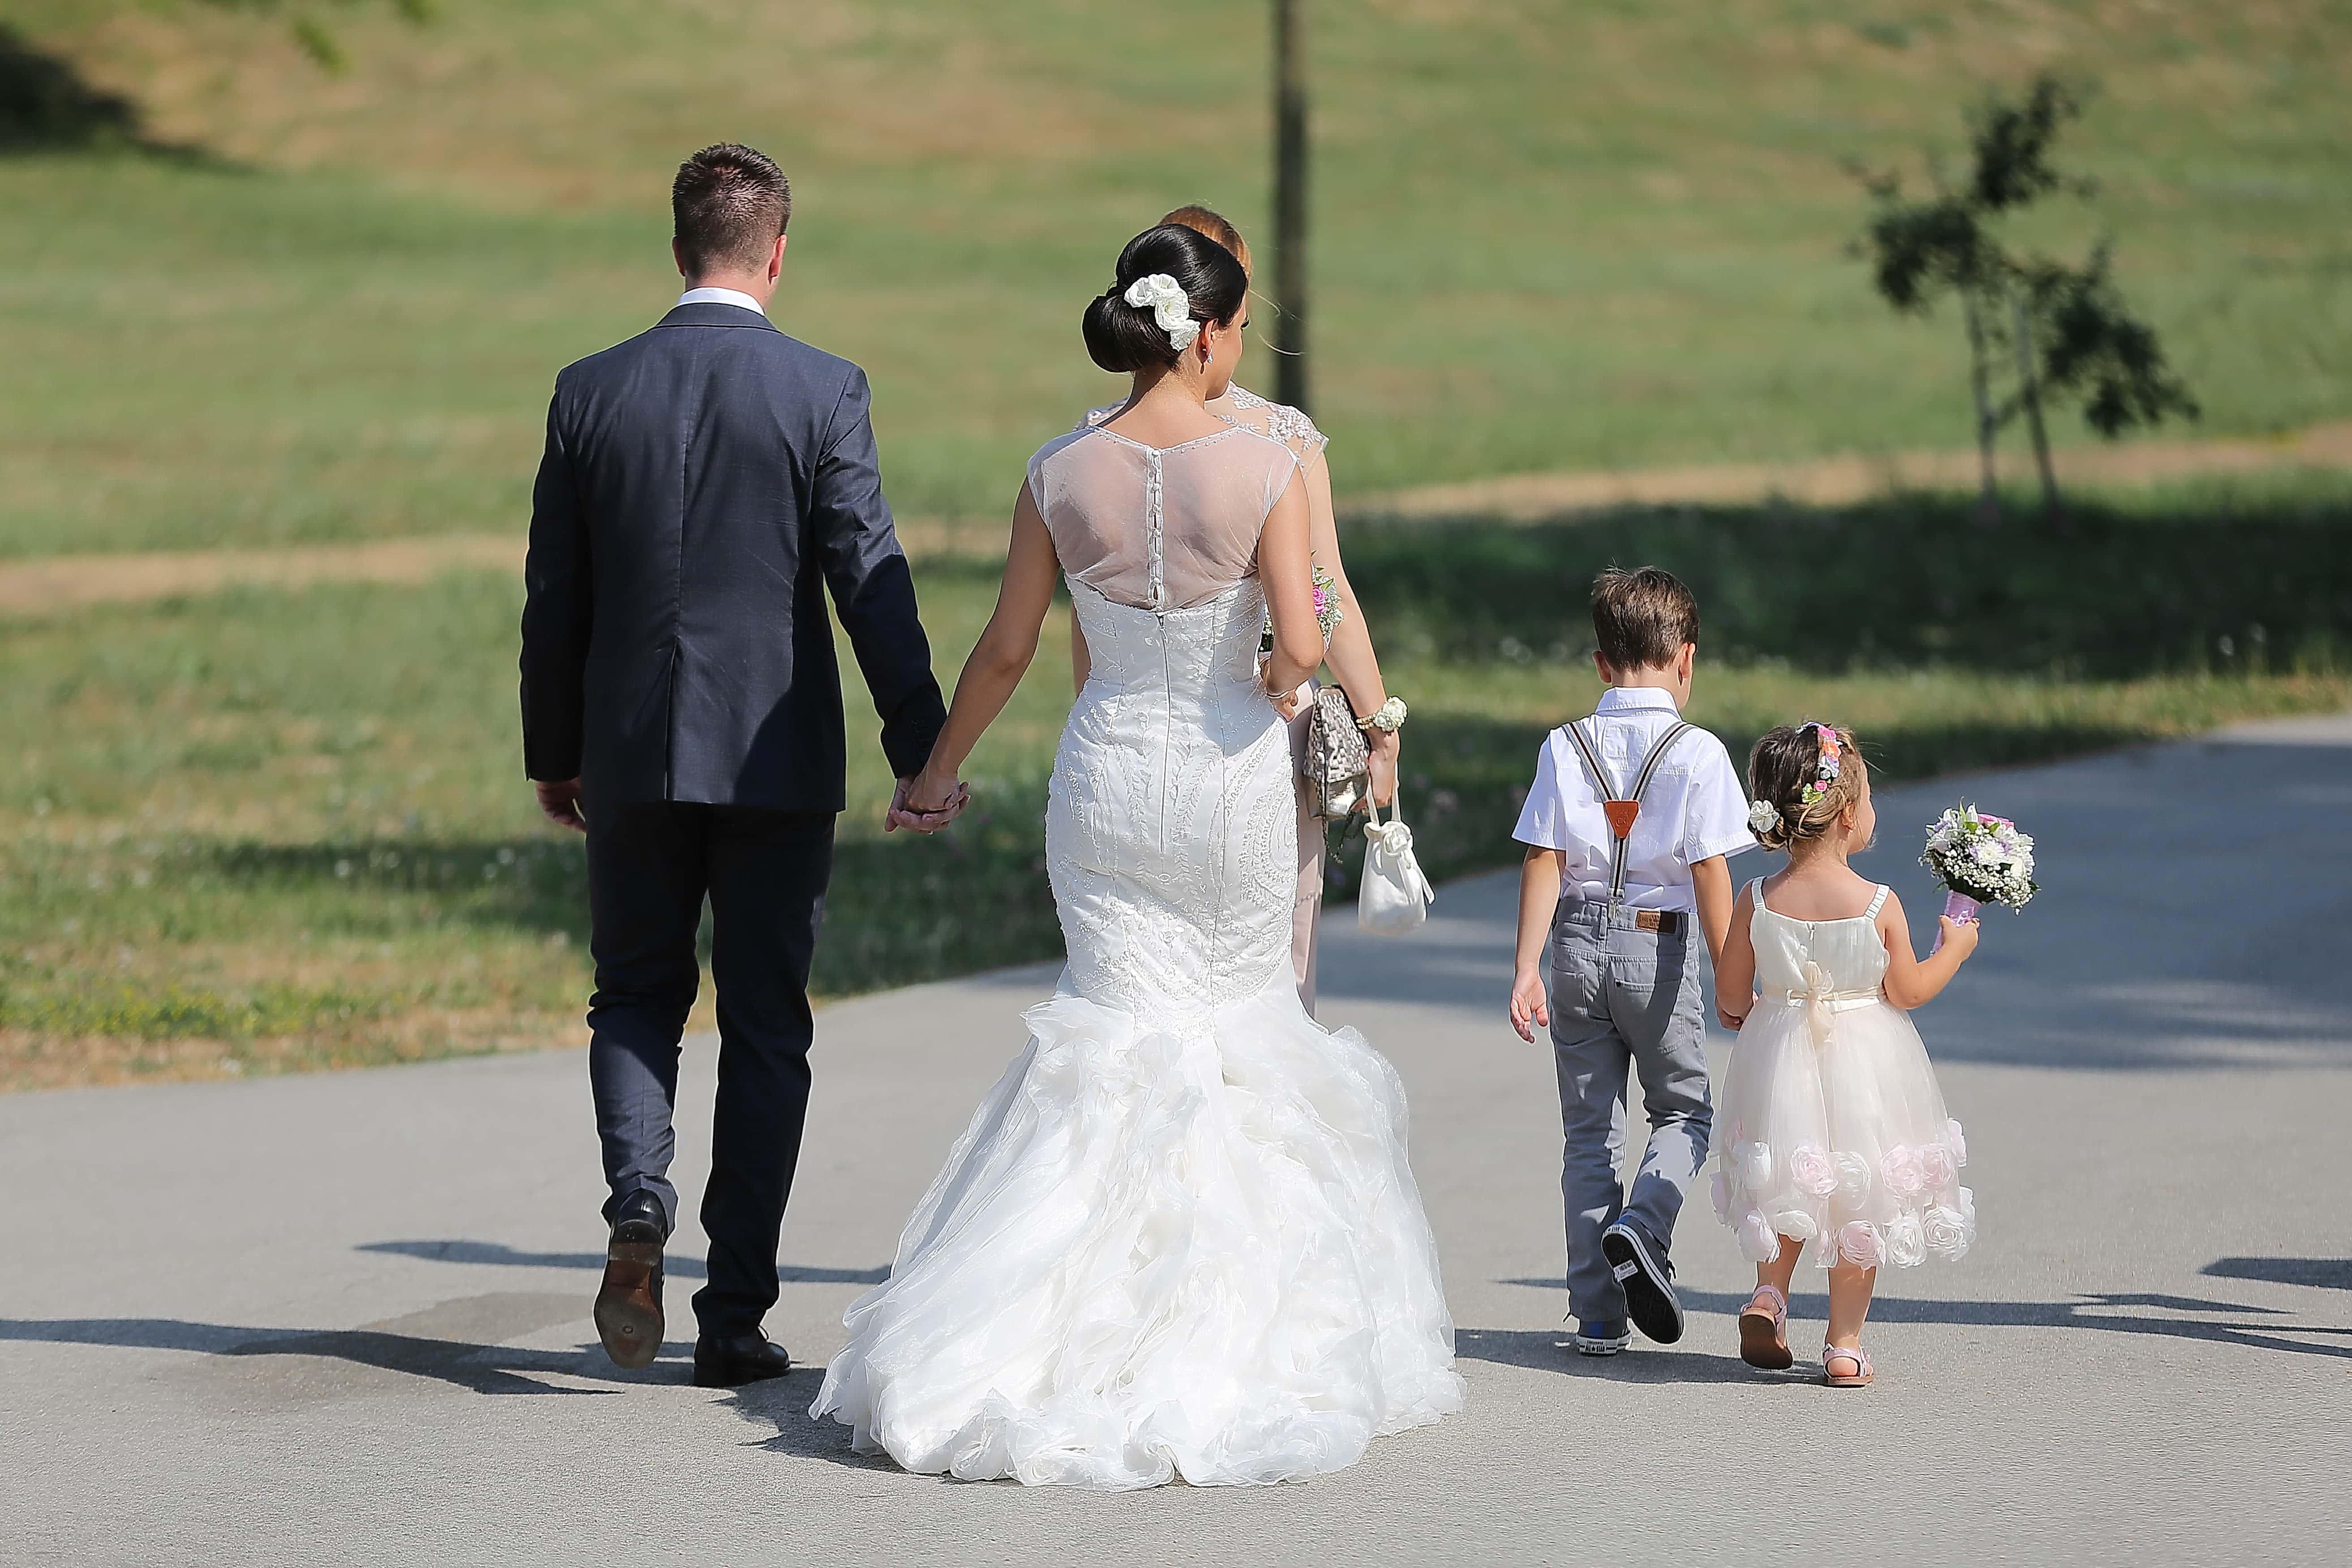 kostenlose bild: braut, bräutigam, hochzeit, familie